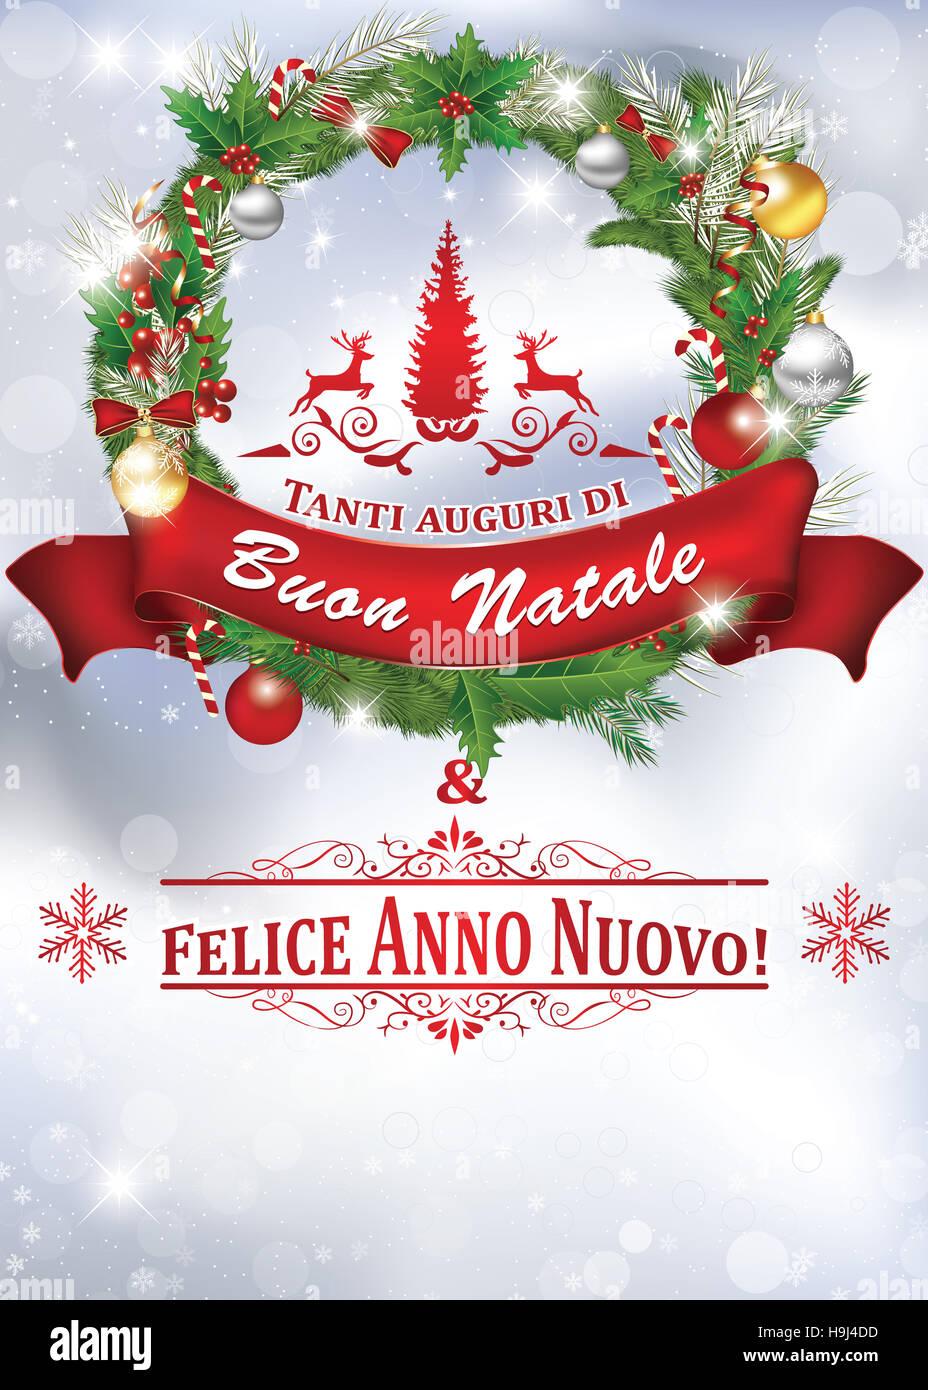 Tanti Auguri E Buon Natale.Tanti Auguri Di Buon Natale E Felice Anno Nuovo Biglietto D Auguri Colori Di Stampa Fotografia De Stock Alamy